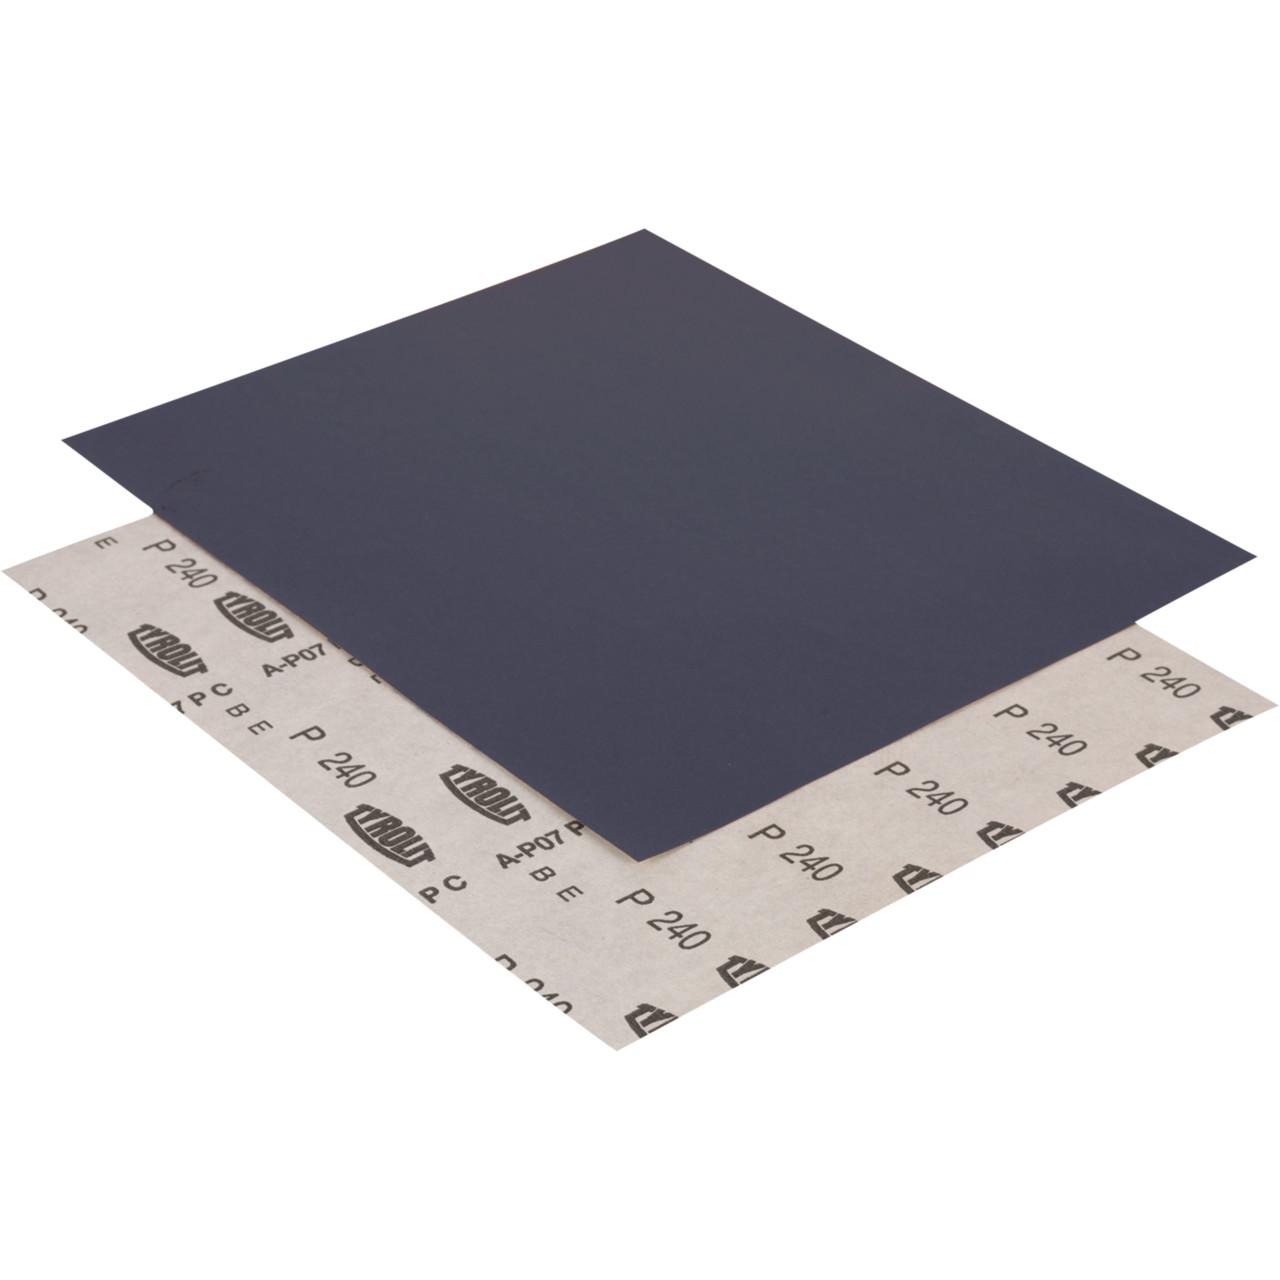 Immagine di Fogli di carta C-P68 P C | C-P68 P A PREMIUM*** per acciaio, metalli non ferrosi, legno, pittura e vernice